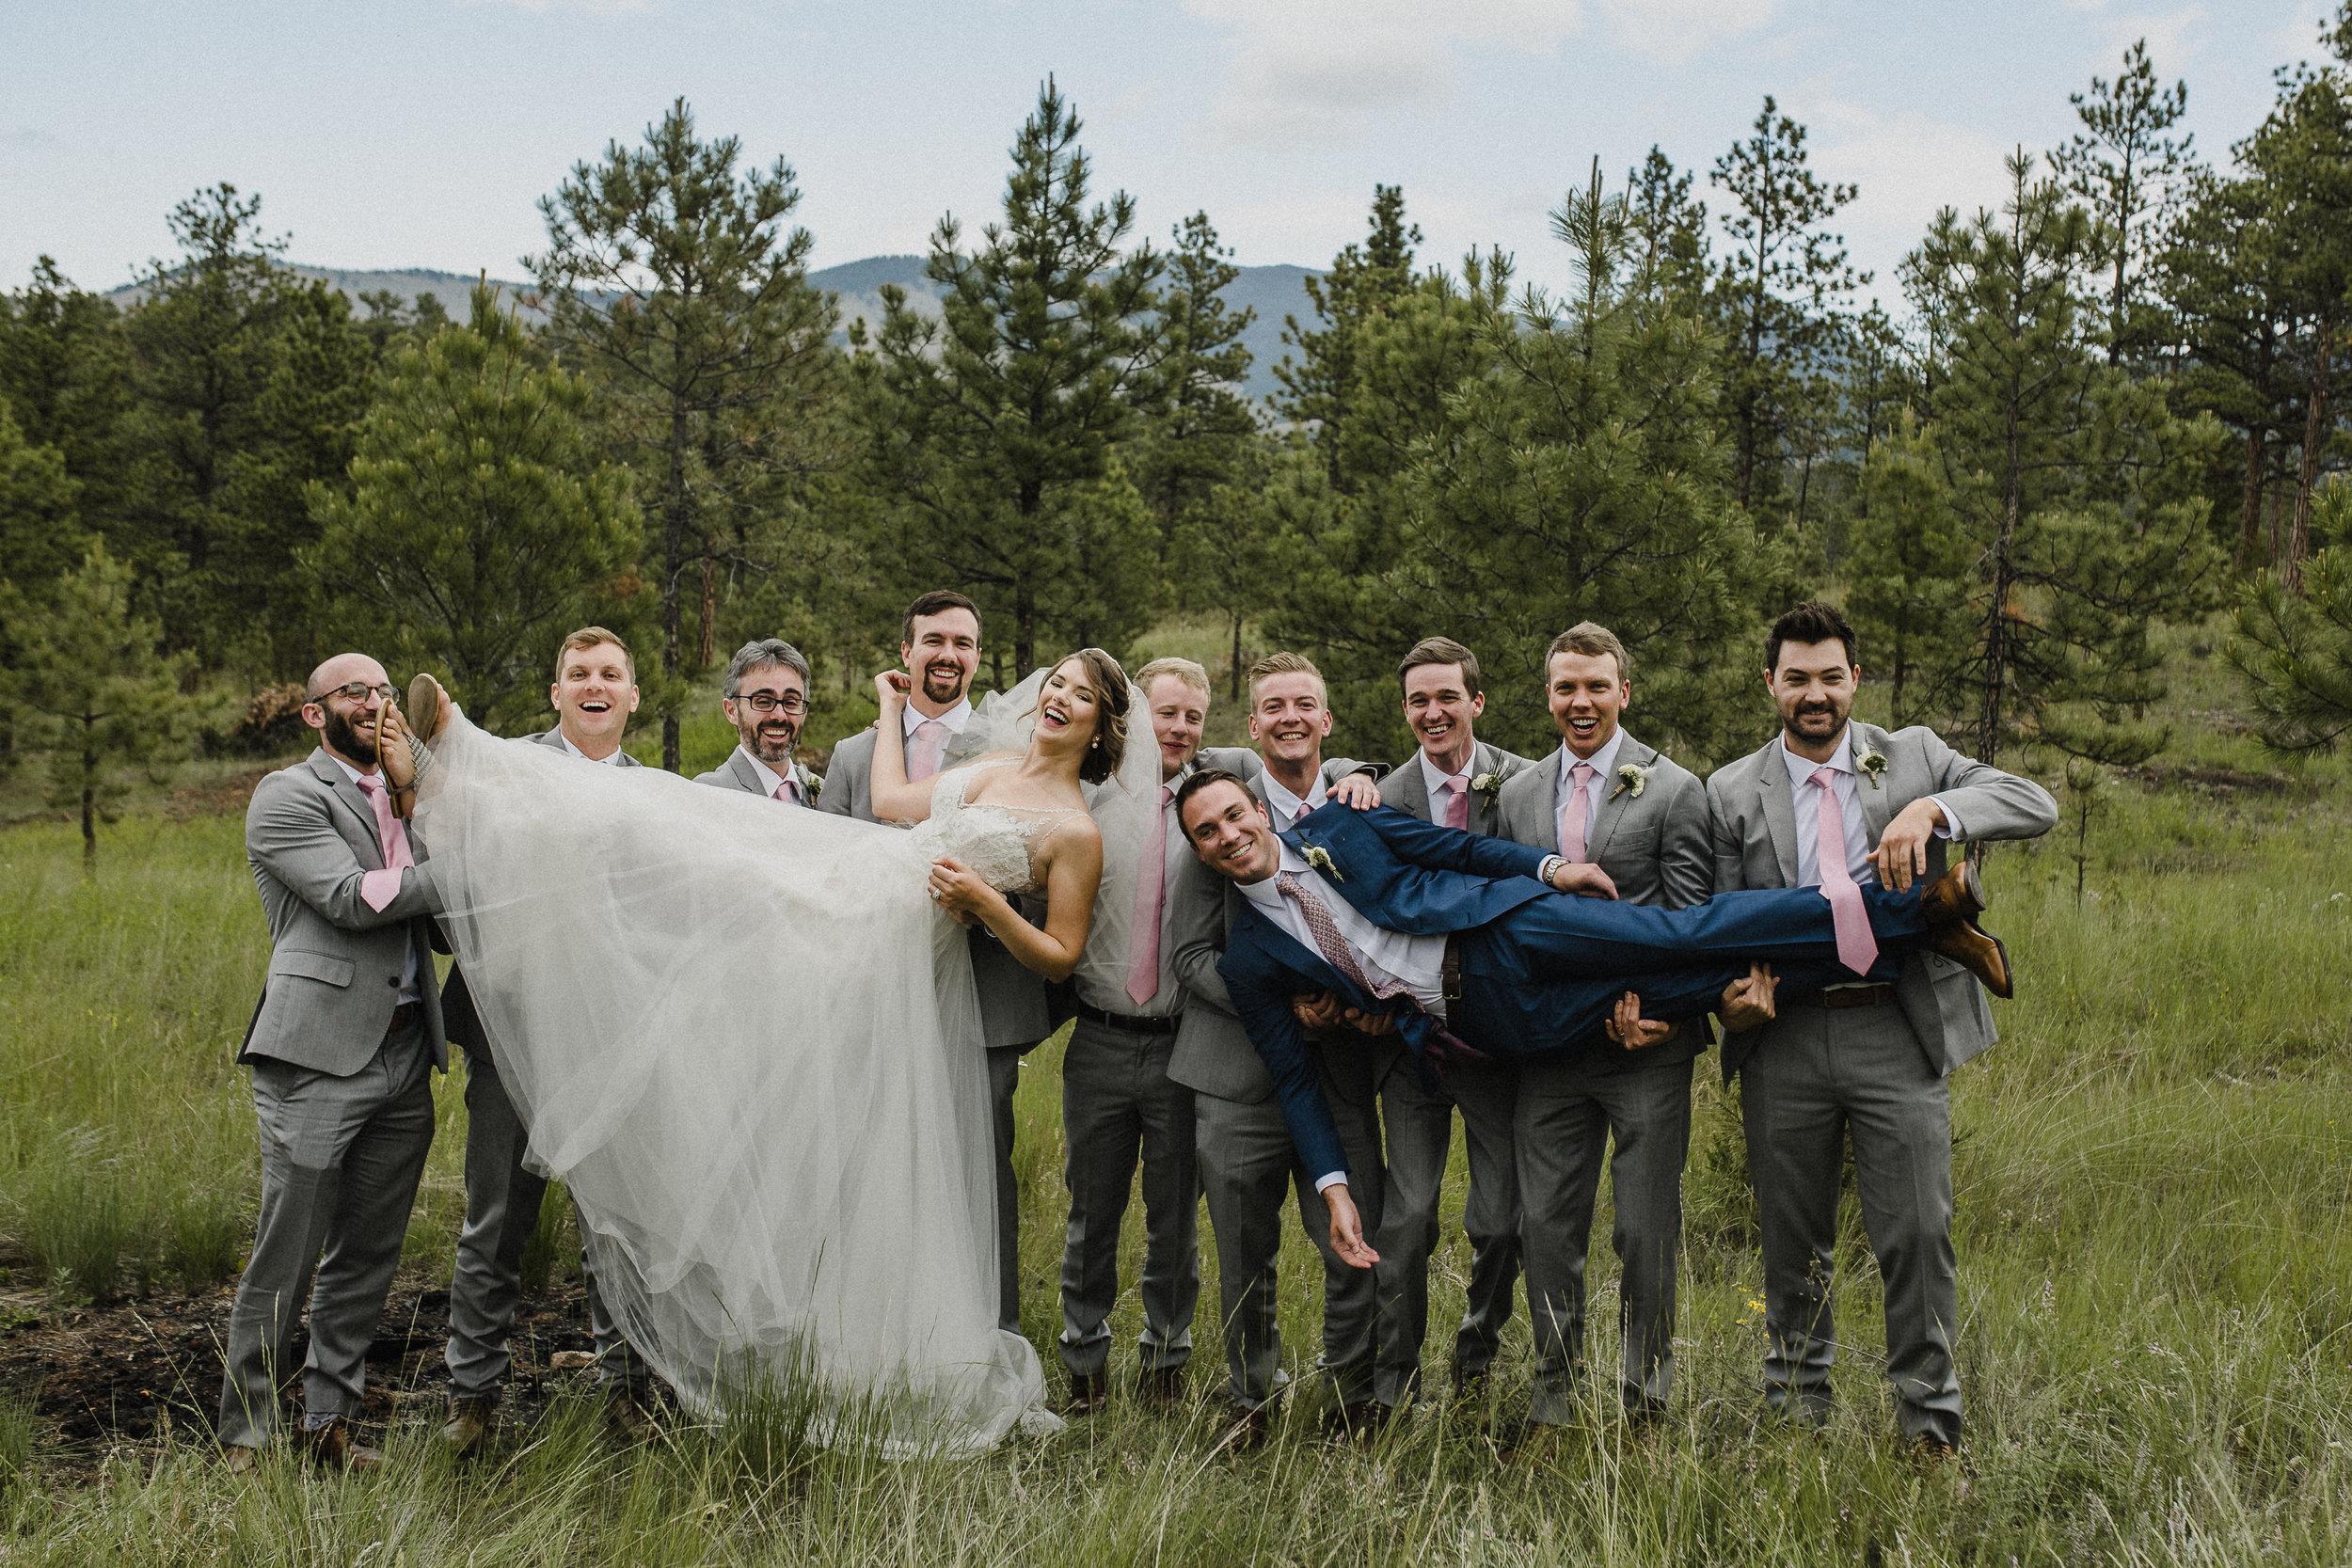 Destination wedding in Montana